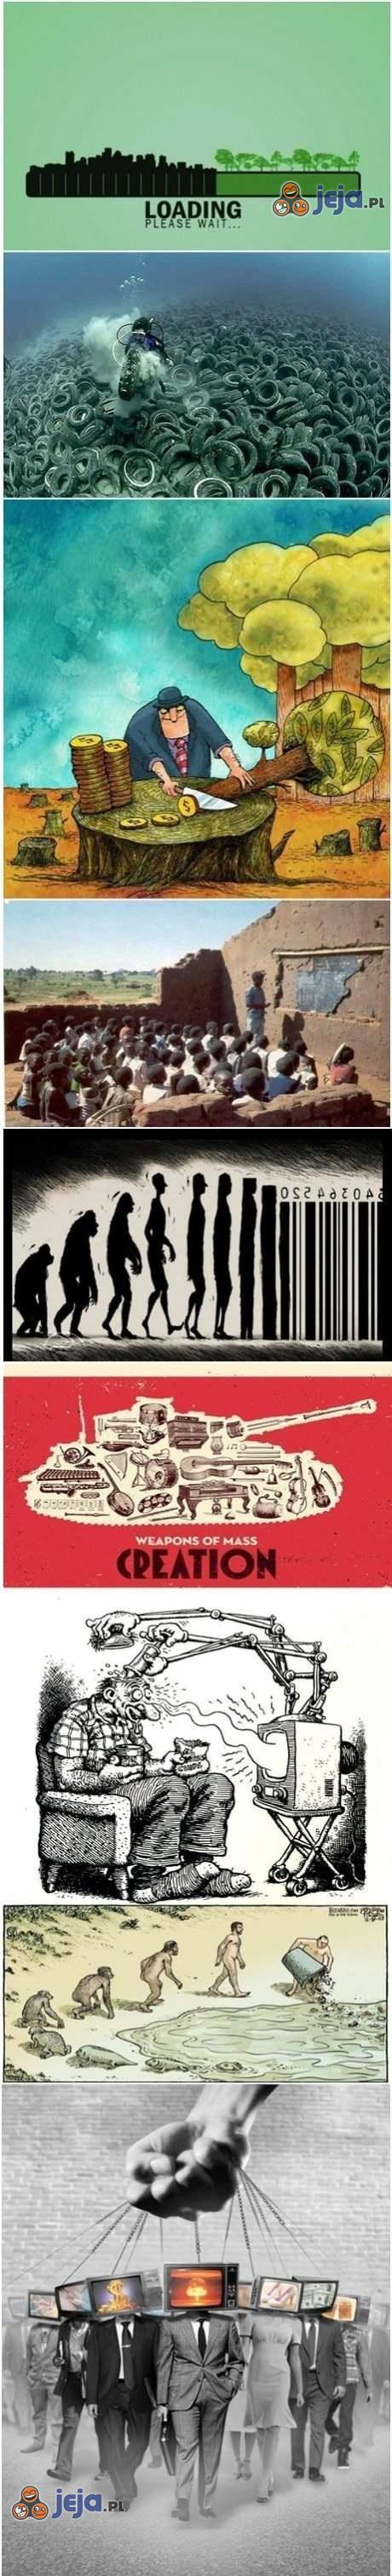 Zacznij myśleć!